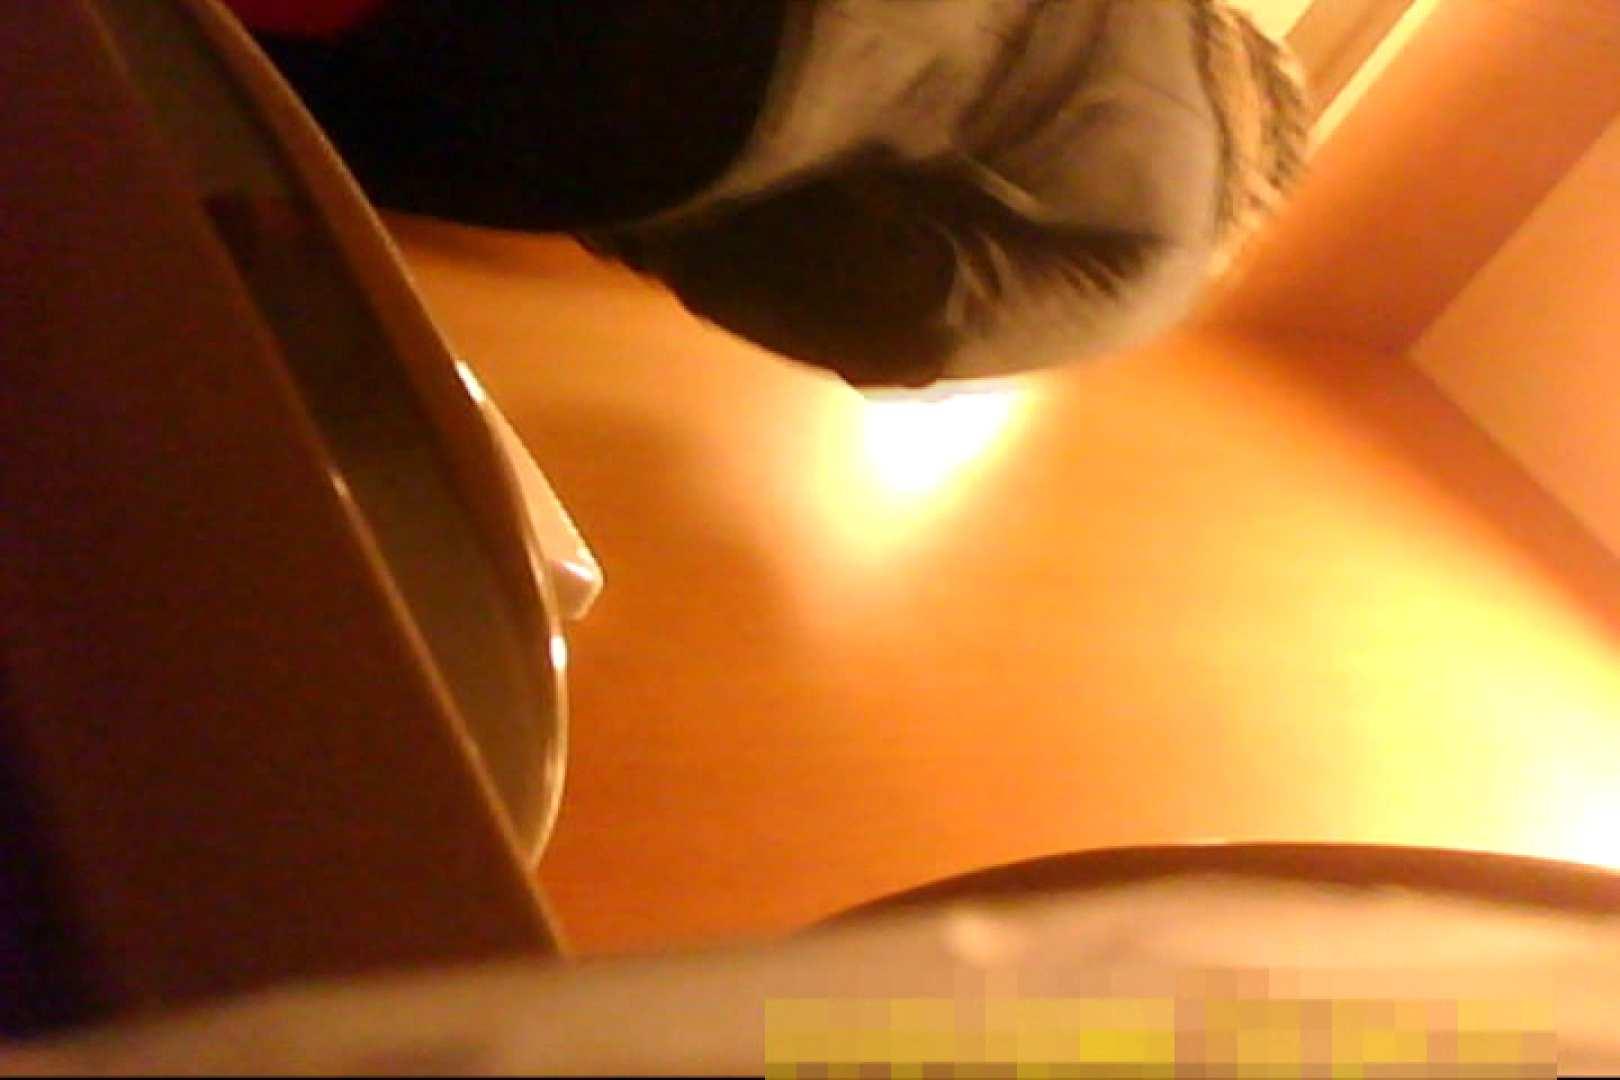 魅惑の化粧室~禁断のプライベート空間~vol.7 OLのエッチ 盗撮動画紹介 79pic 14